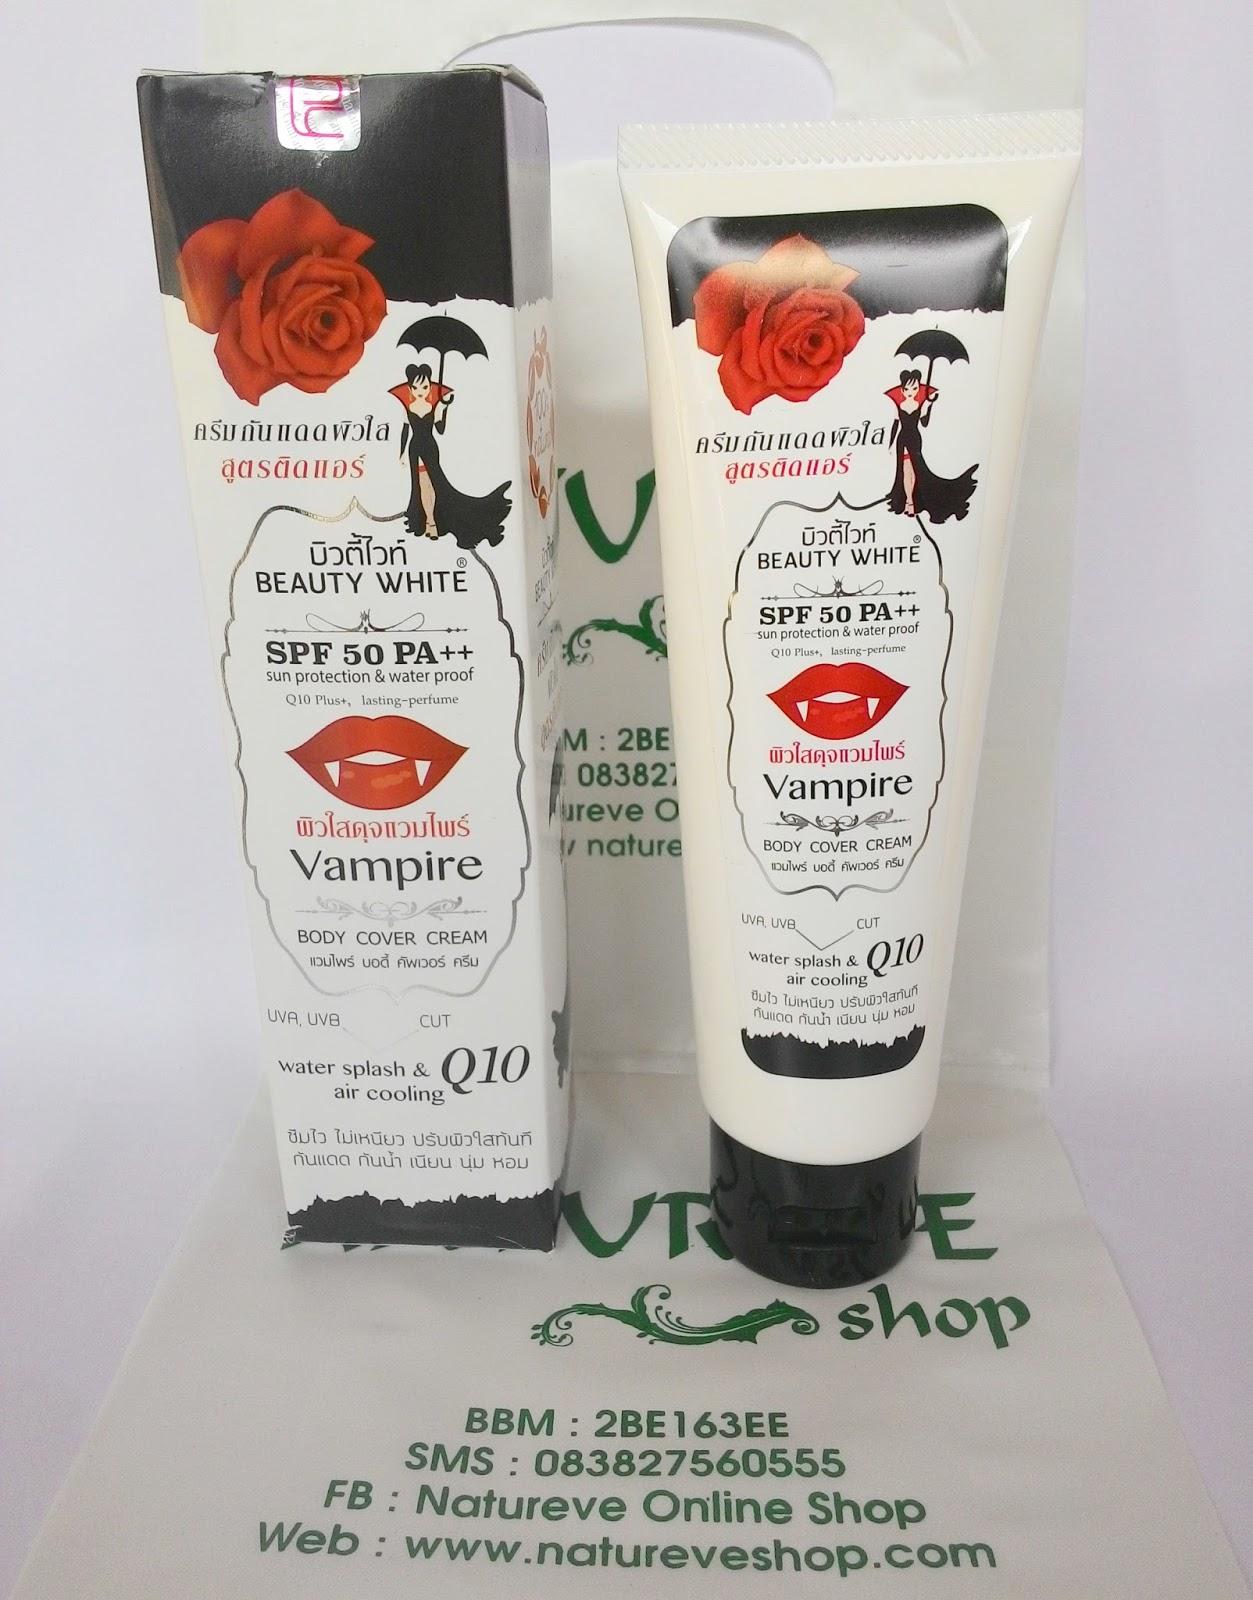 Perlindungan Kulit dengan Vampire Whitening Body Cover Cream